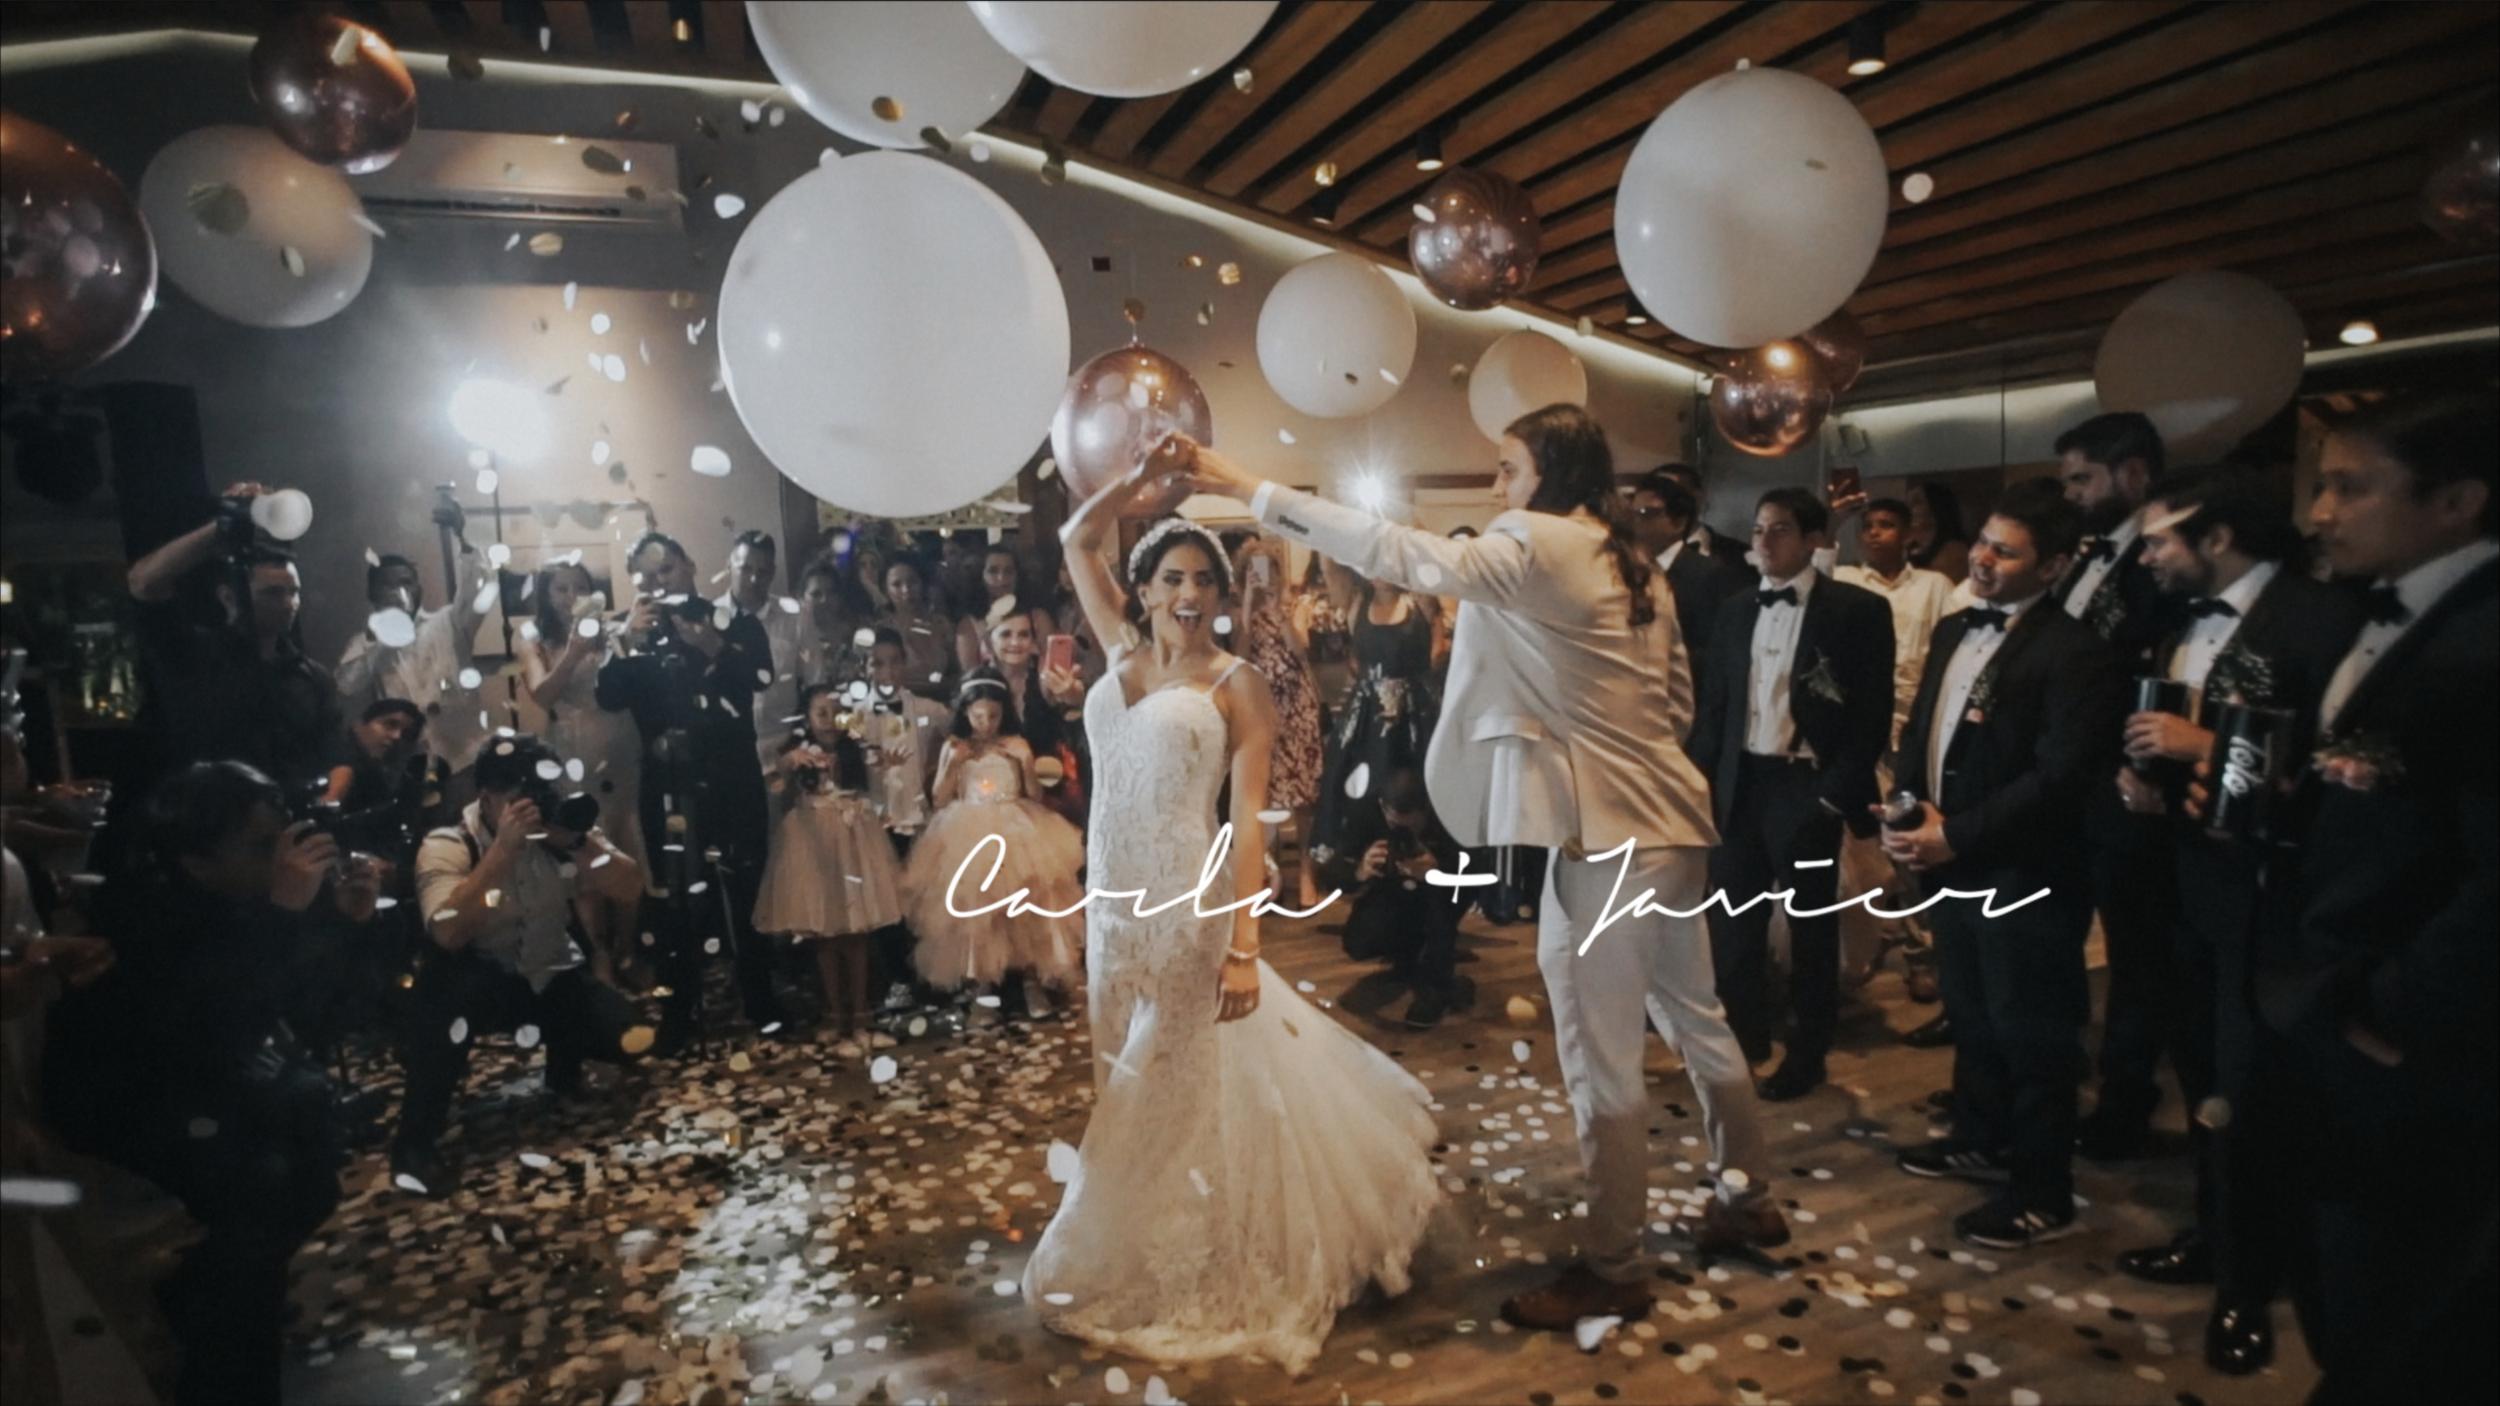 Carla + Javier - Una boda con mucho estilo y elegancia. Ella, amante de lo fashion, el maquillaje y la ley. El, apasionado por la fotografía y sus 3 perros. Fue una boda de altas expectativas y no se guardaron nada para las cámaras.